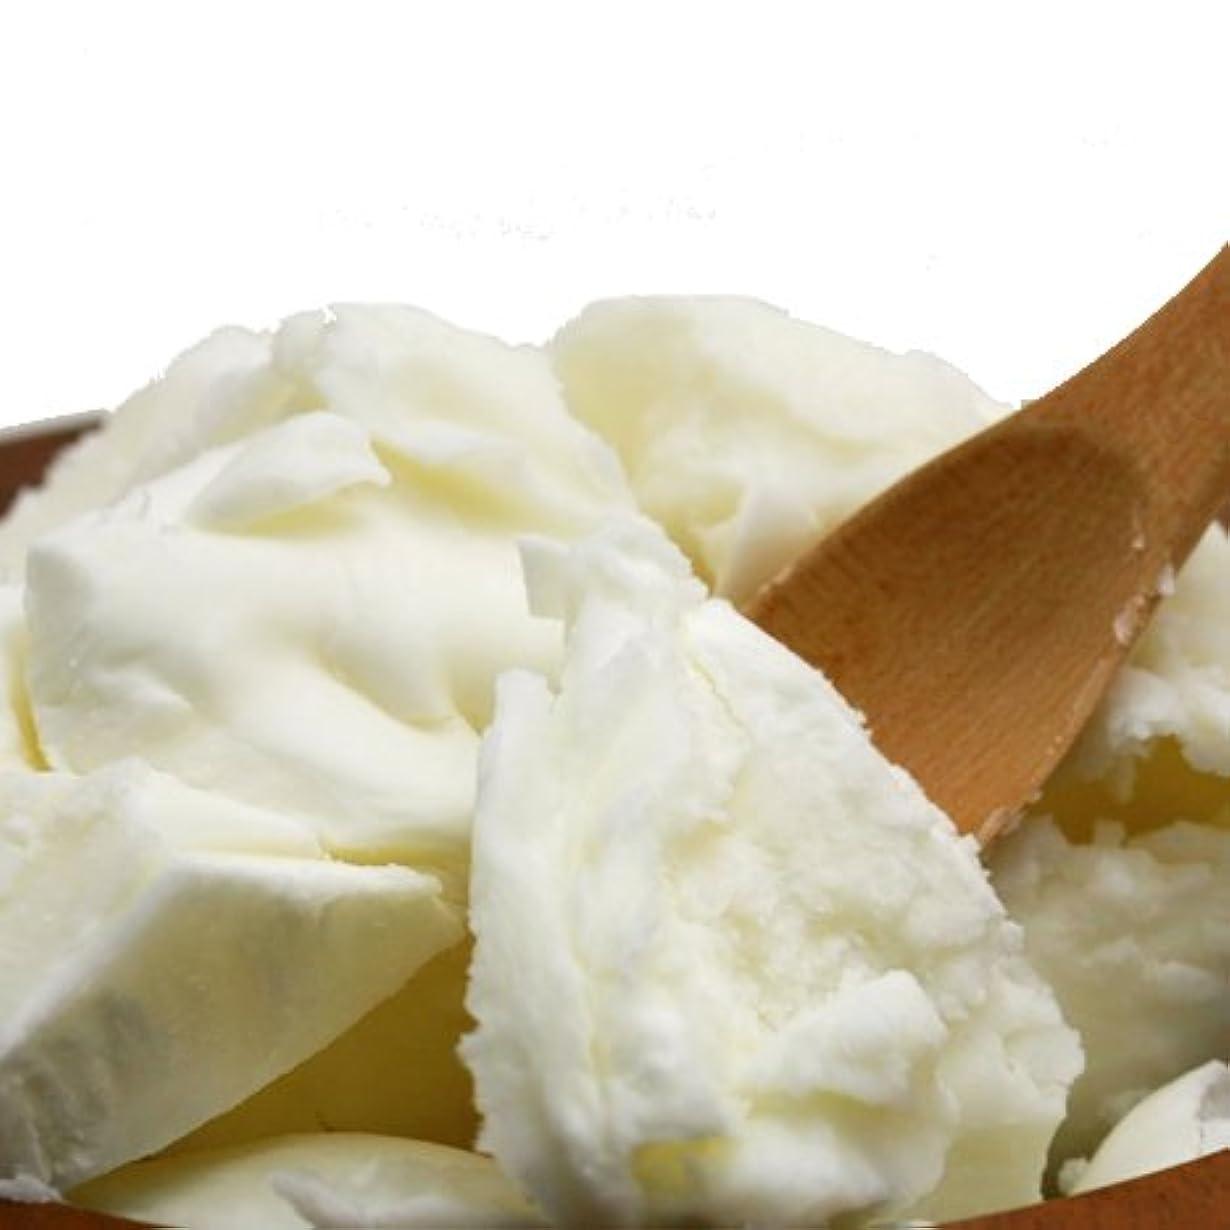 少なくともホステス伝説オーガニック 精製シアバター 50g シア脂 【手作り石鹸/手作りコスメ/手作り化粧品】